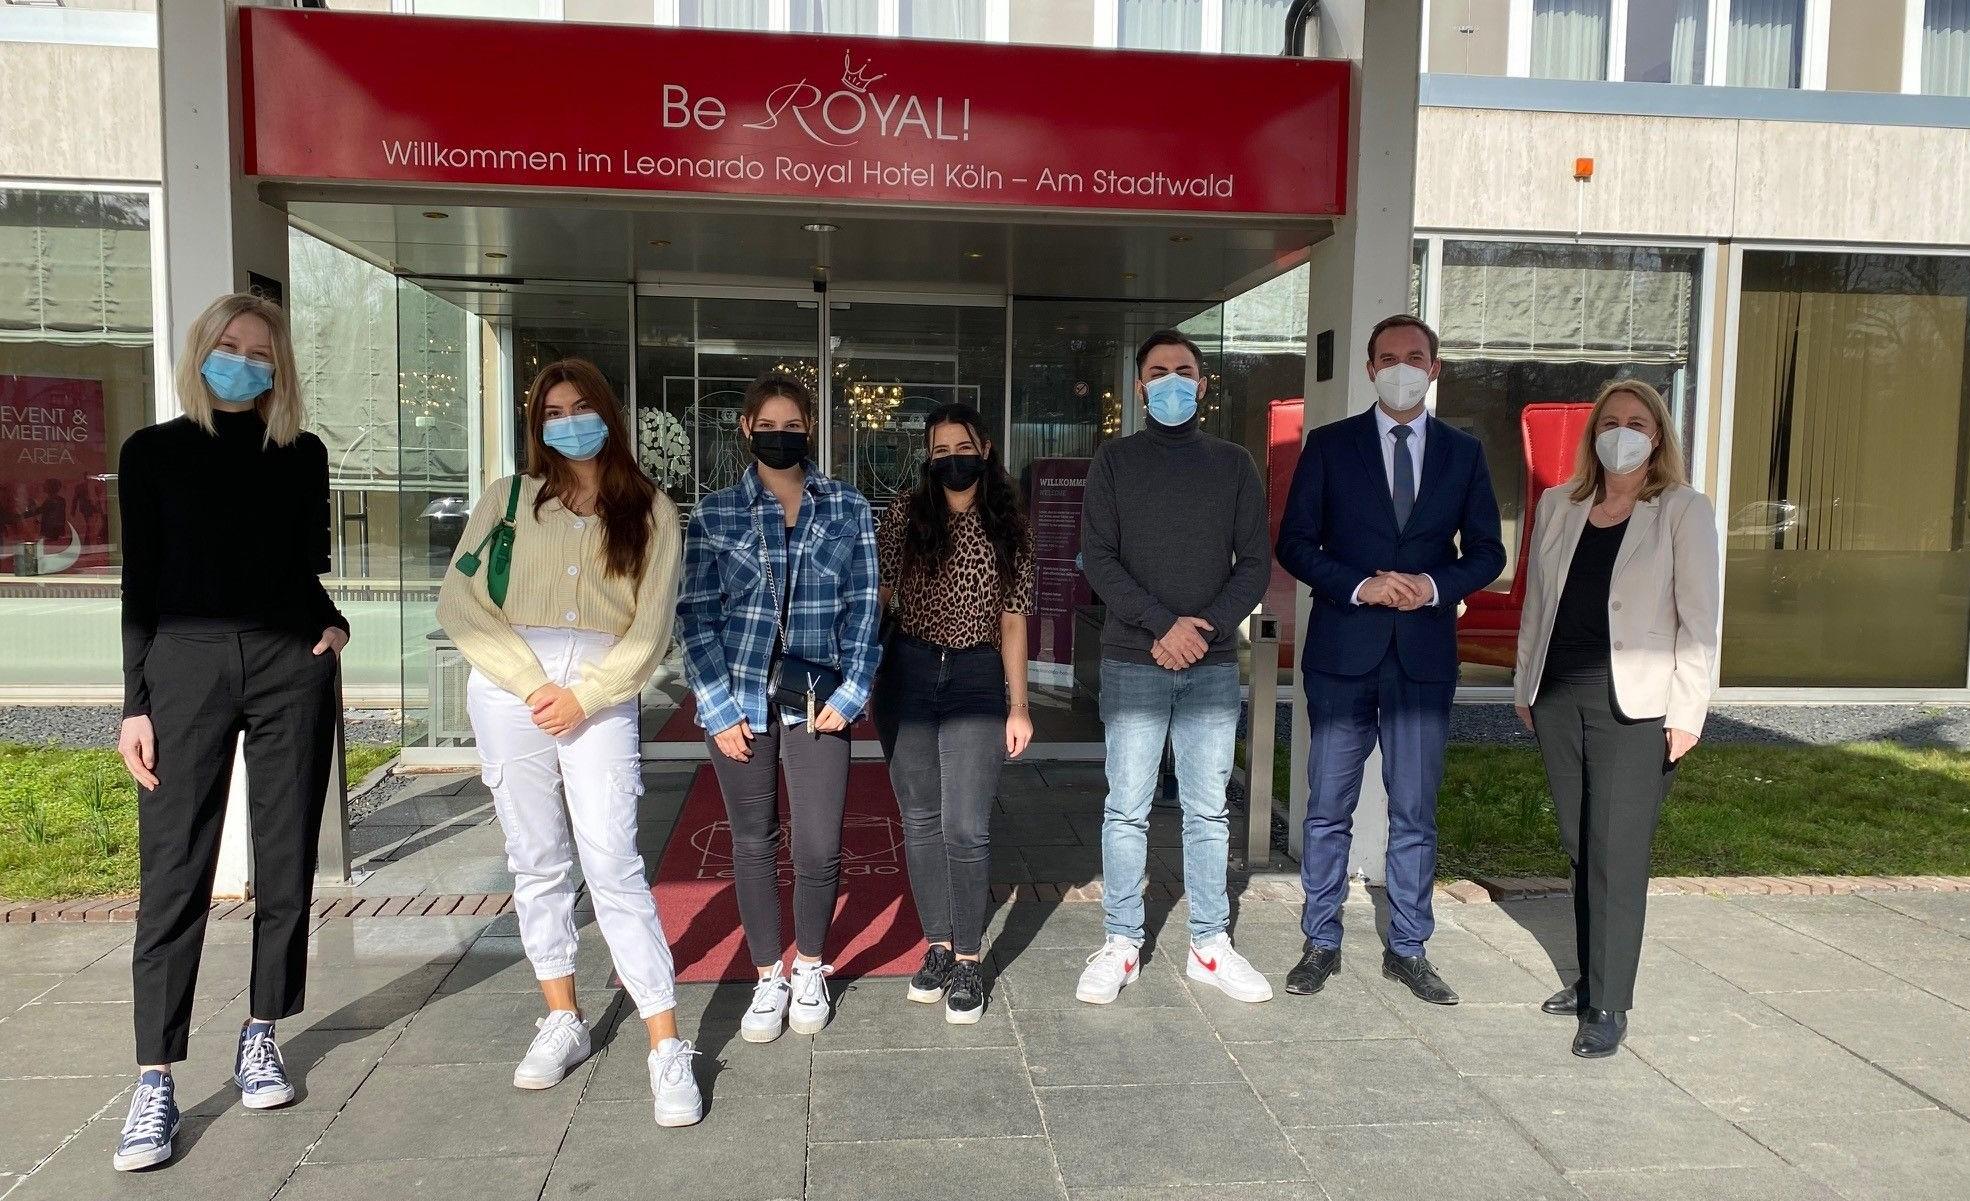 5 neue Azubis in NRW bei Leonardo Hotels gestartet